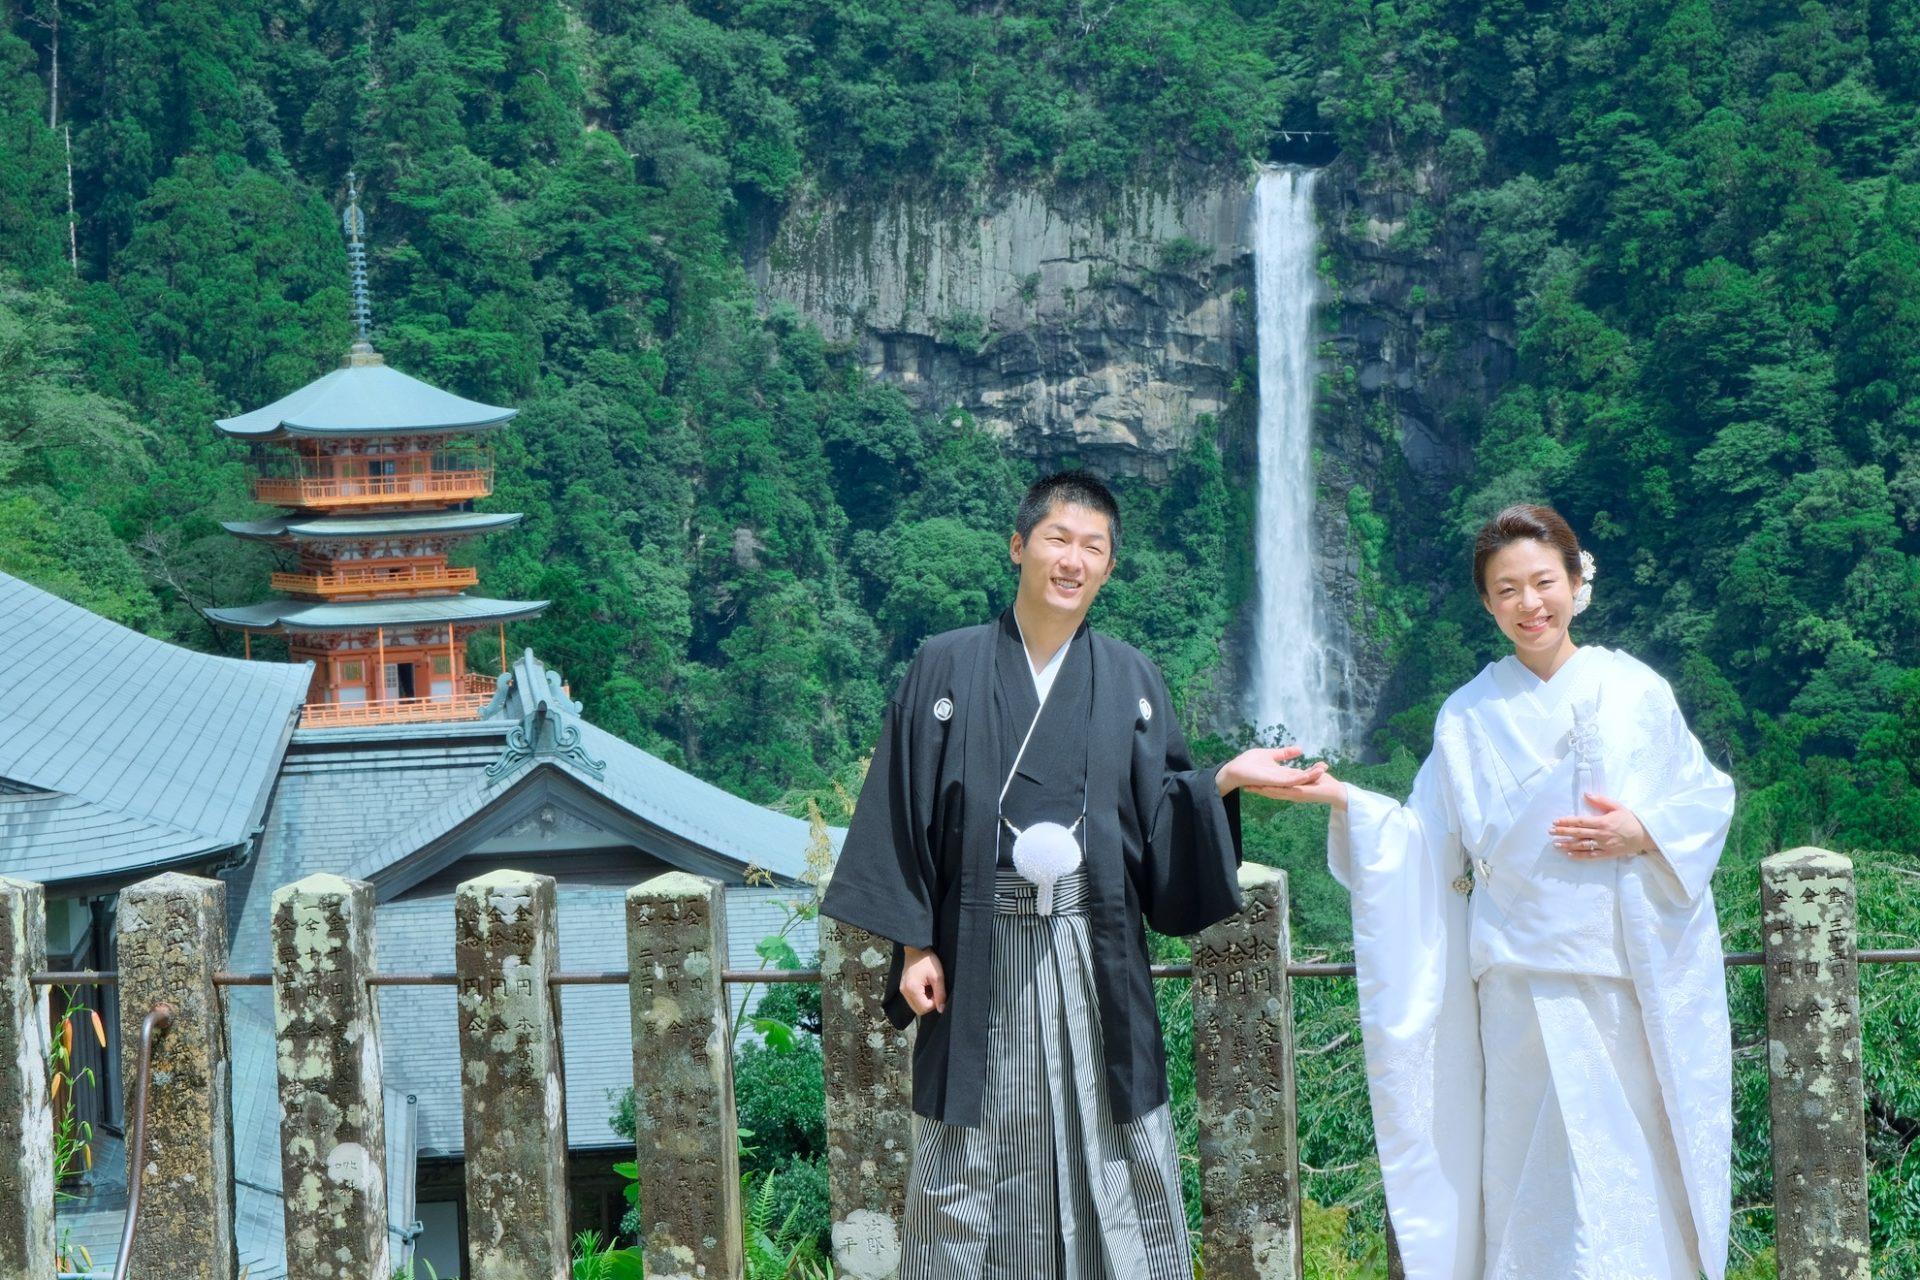 熊野那智大社と熊野古道で前撮り写真